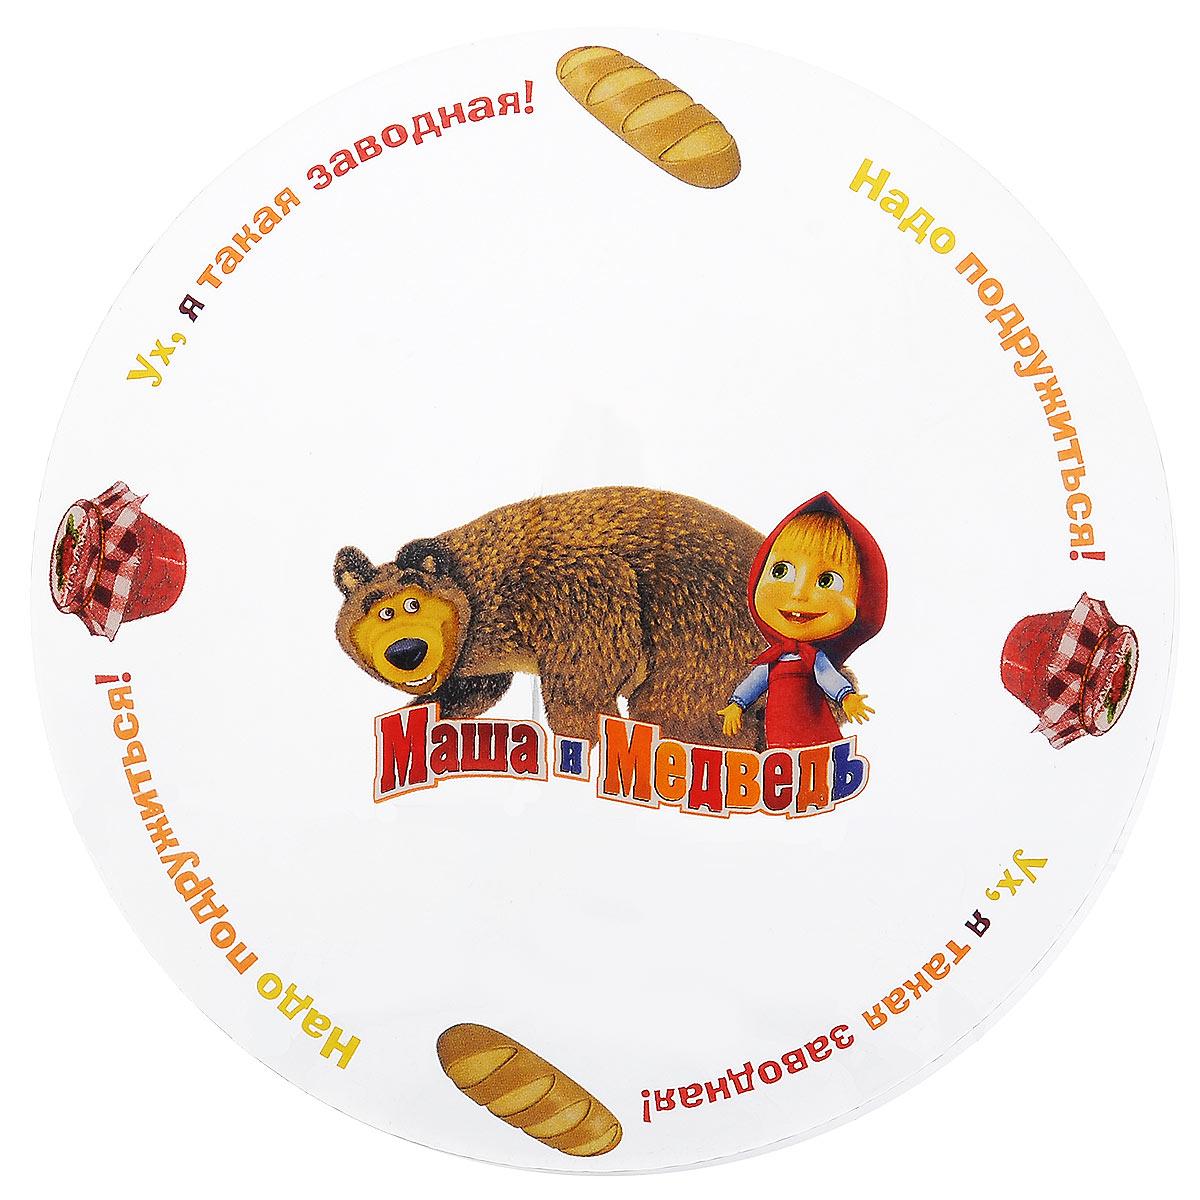 Маша и Медведь Тарелка Варенье, диаметр 19,5 см10327Яркая стеклянная тарелка Маша и Медведь Варенье превратит процесс кормления вашего малыша в веселую игру. Выполнена тарелка из прозрачного стекла и оформлена героями известного мультфильма Маша и Медведь. Также края тарелки дополнены любимыми выражениями Маши. Ваш ребенок будет кушать с большим удовольствием, стараясь быстрее добраться до Маши и Мишки.